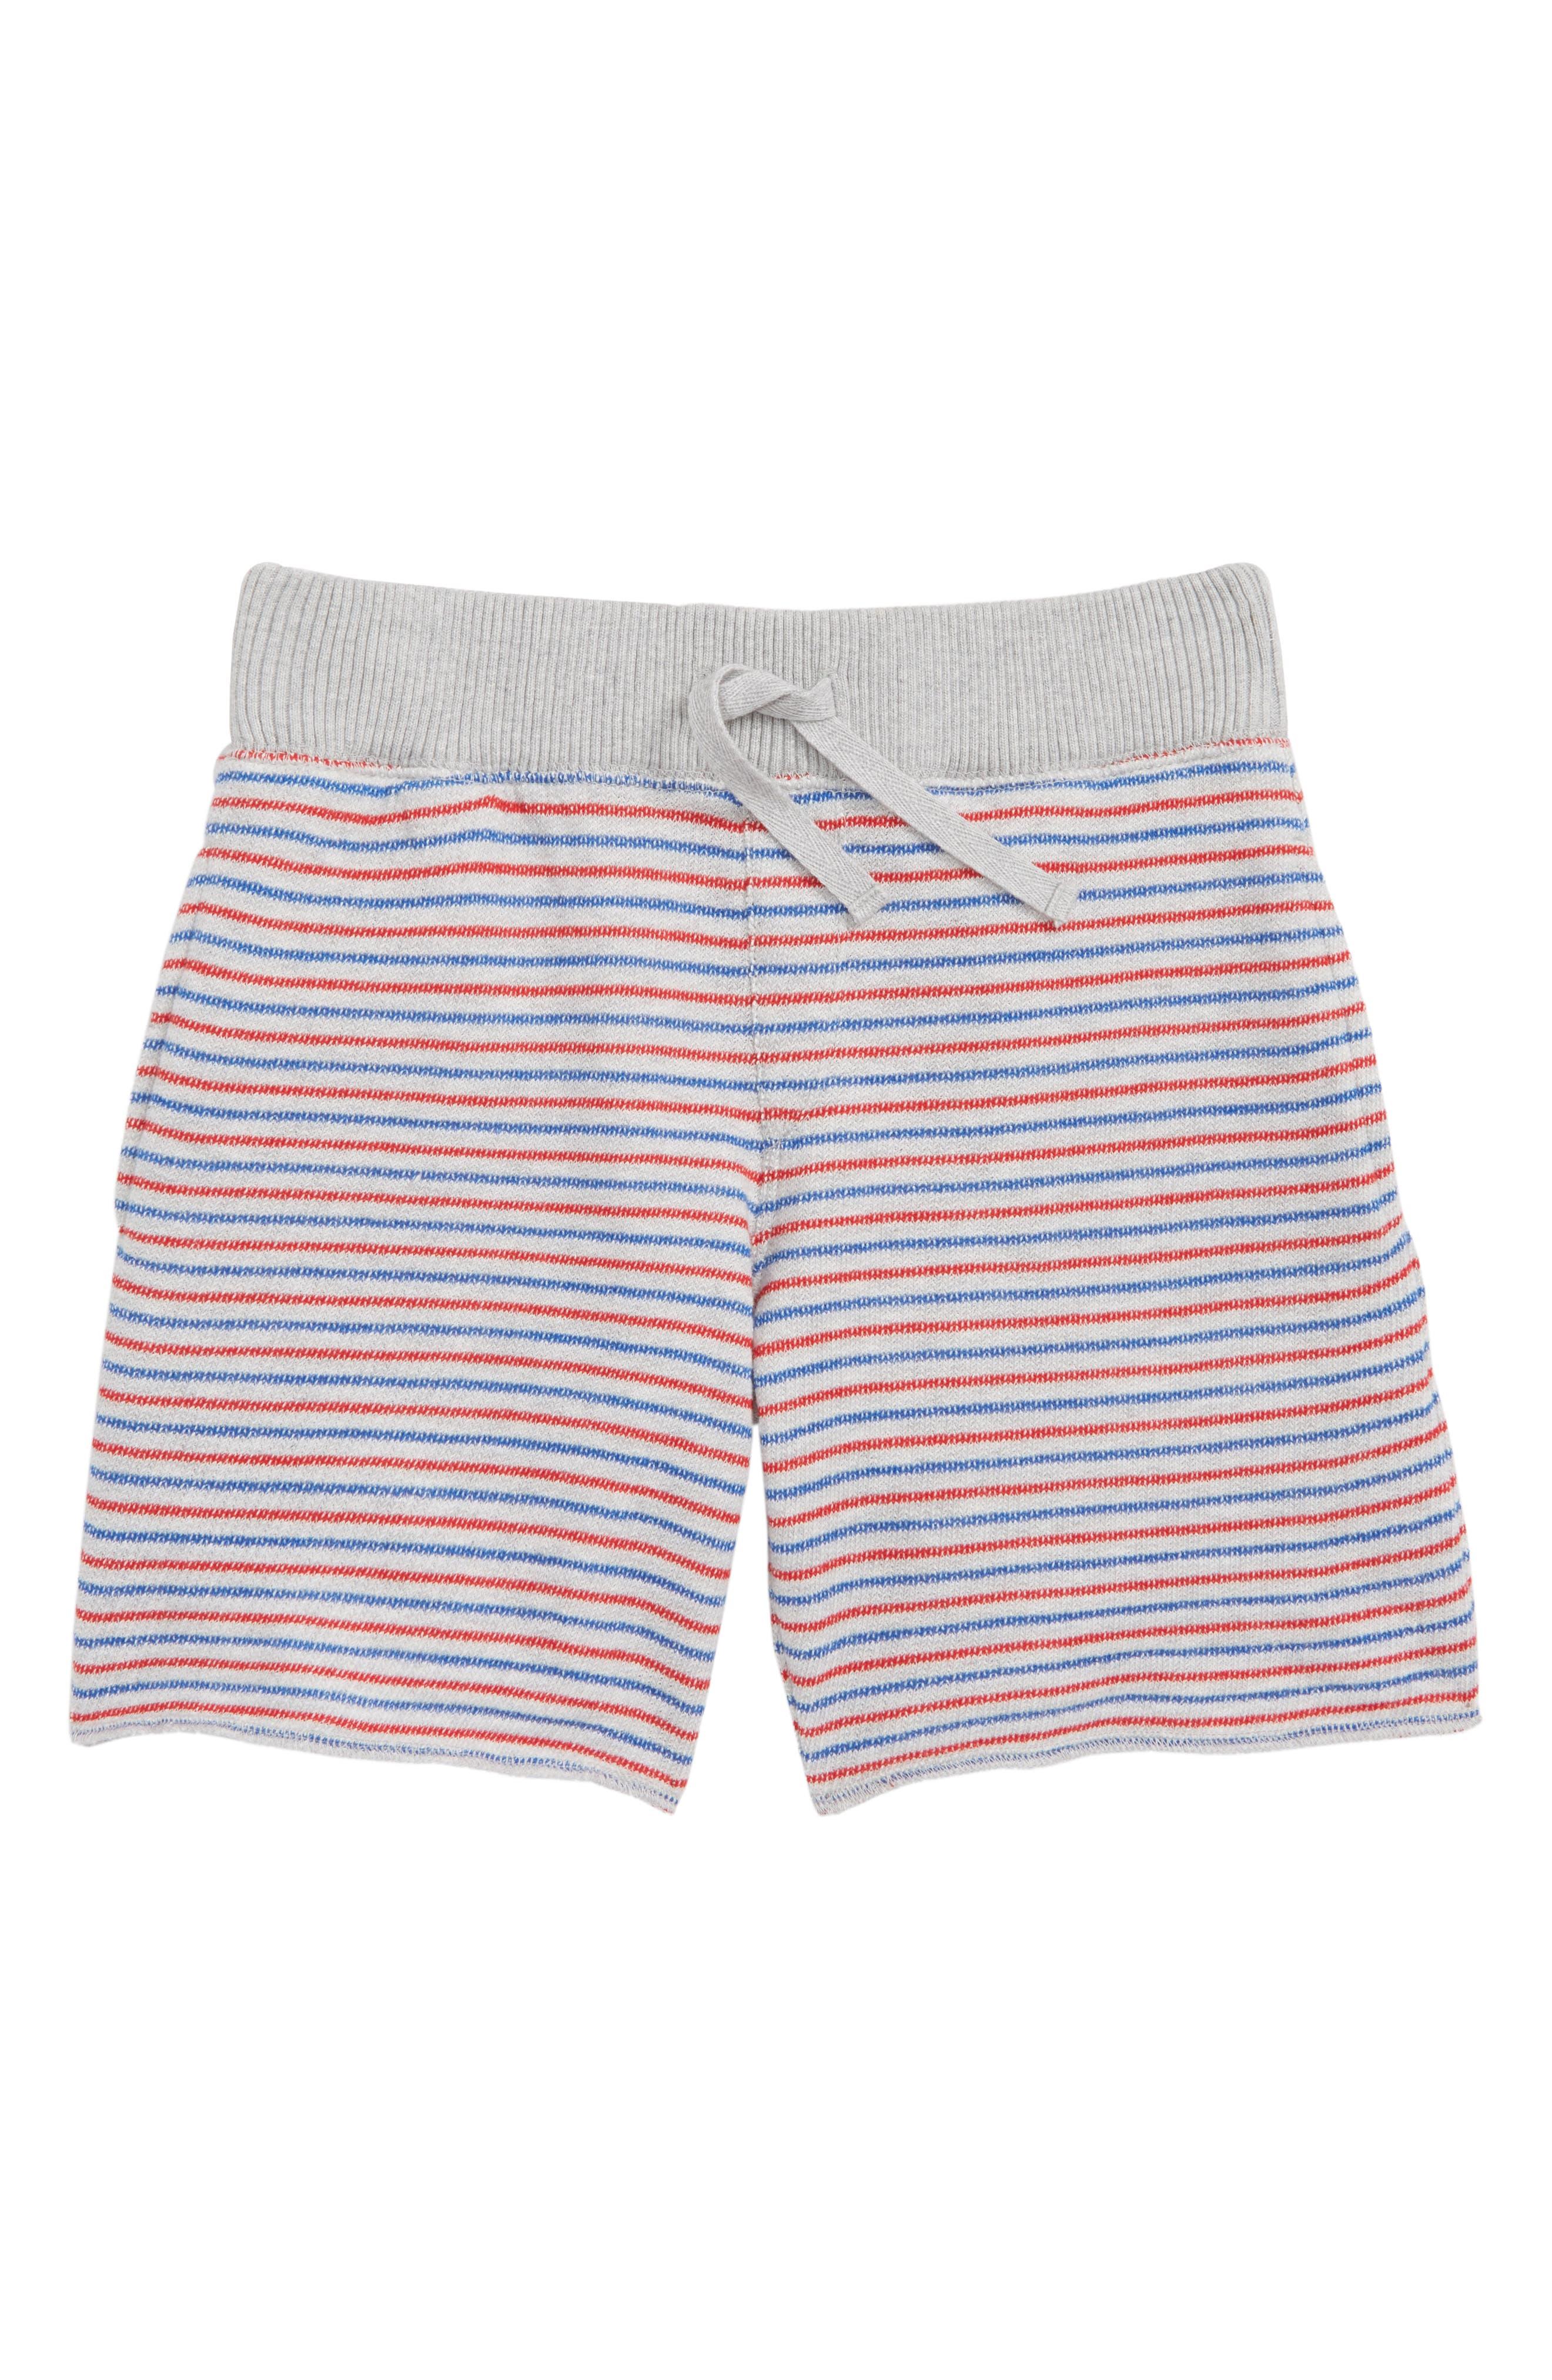 Tucker + Tate Stripe Shorts (Toddler Boys & Little Boys)